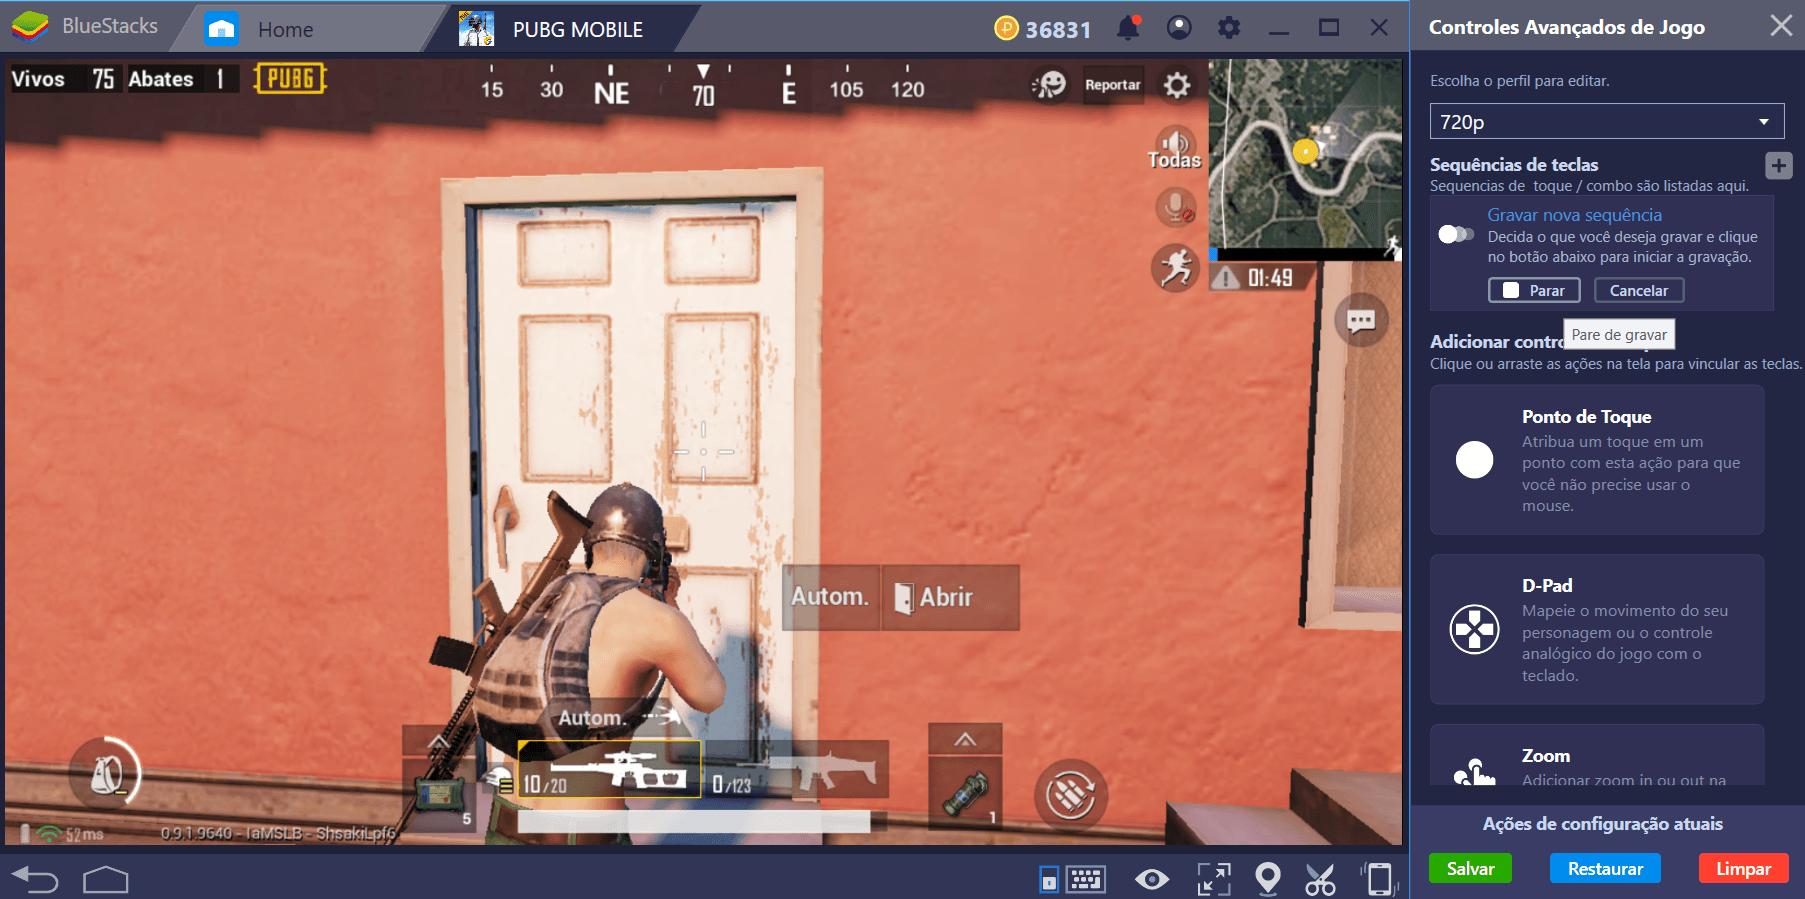 Conquiste o seu jantar de frango com o Combo Key!